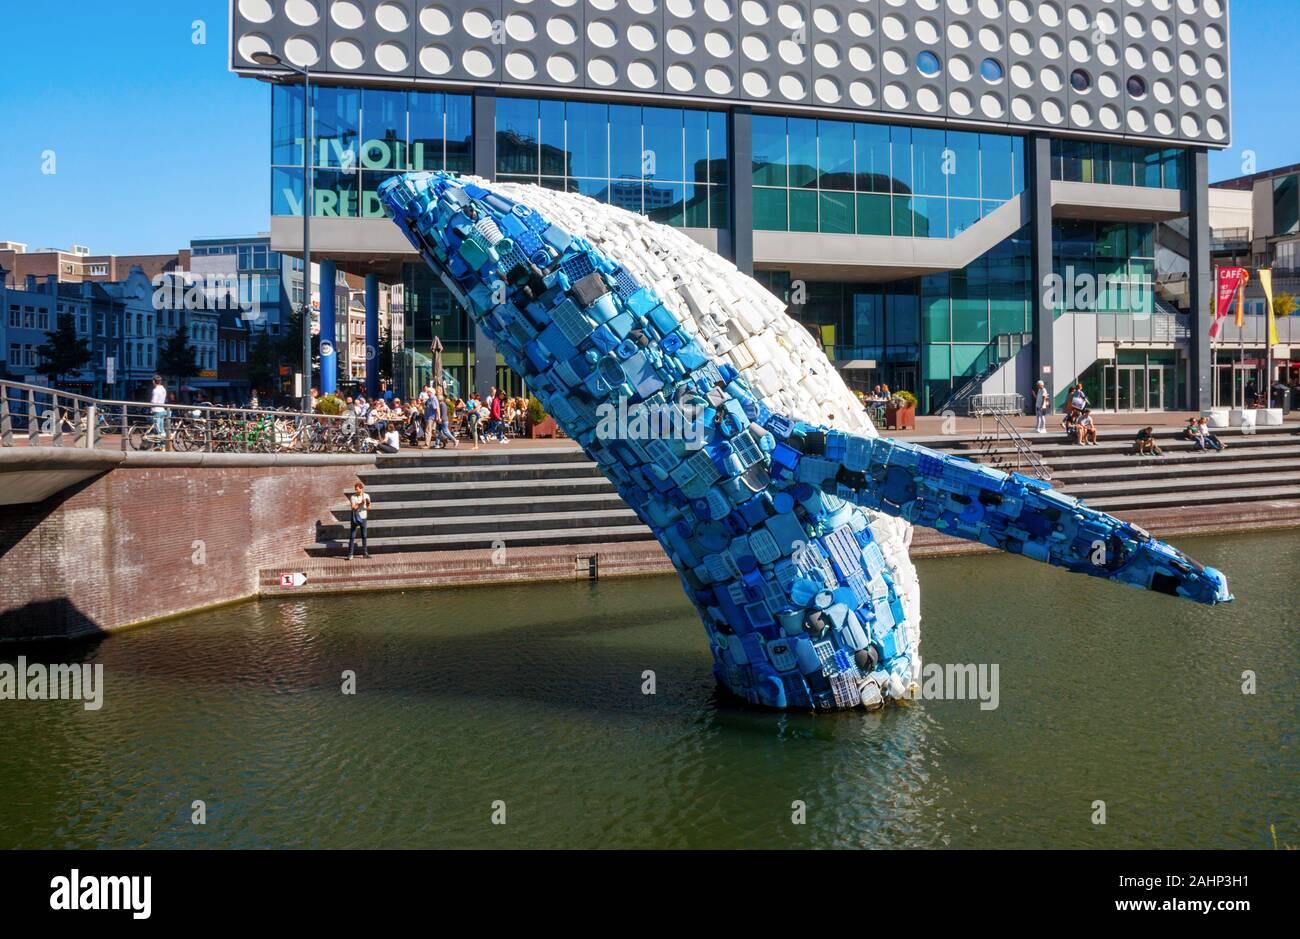 Gran ballena, llamado el rascacielos, hechos de plásticos de los océanos. Utrecht, Países Bajos. Foto de stock